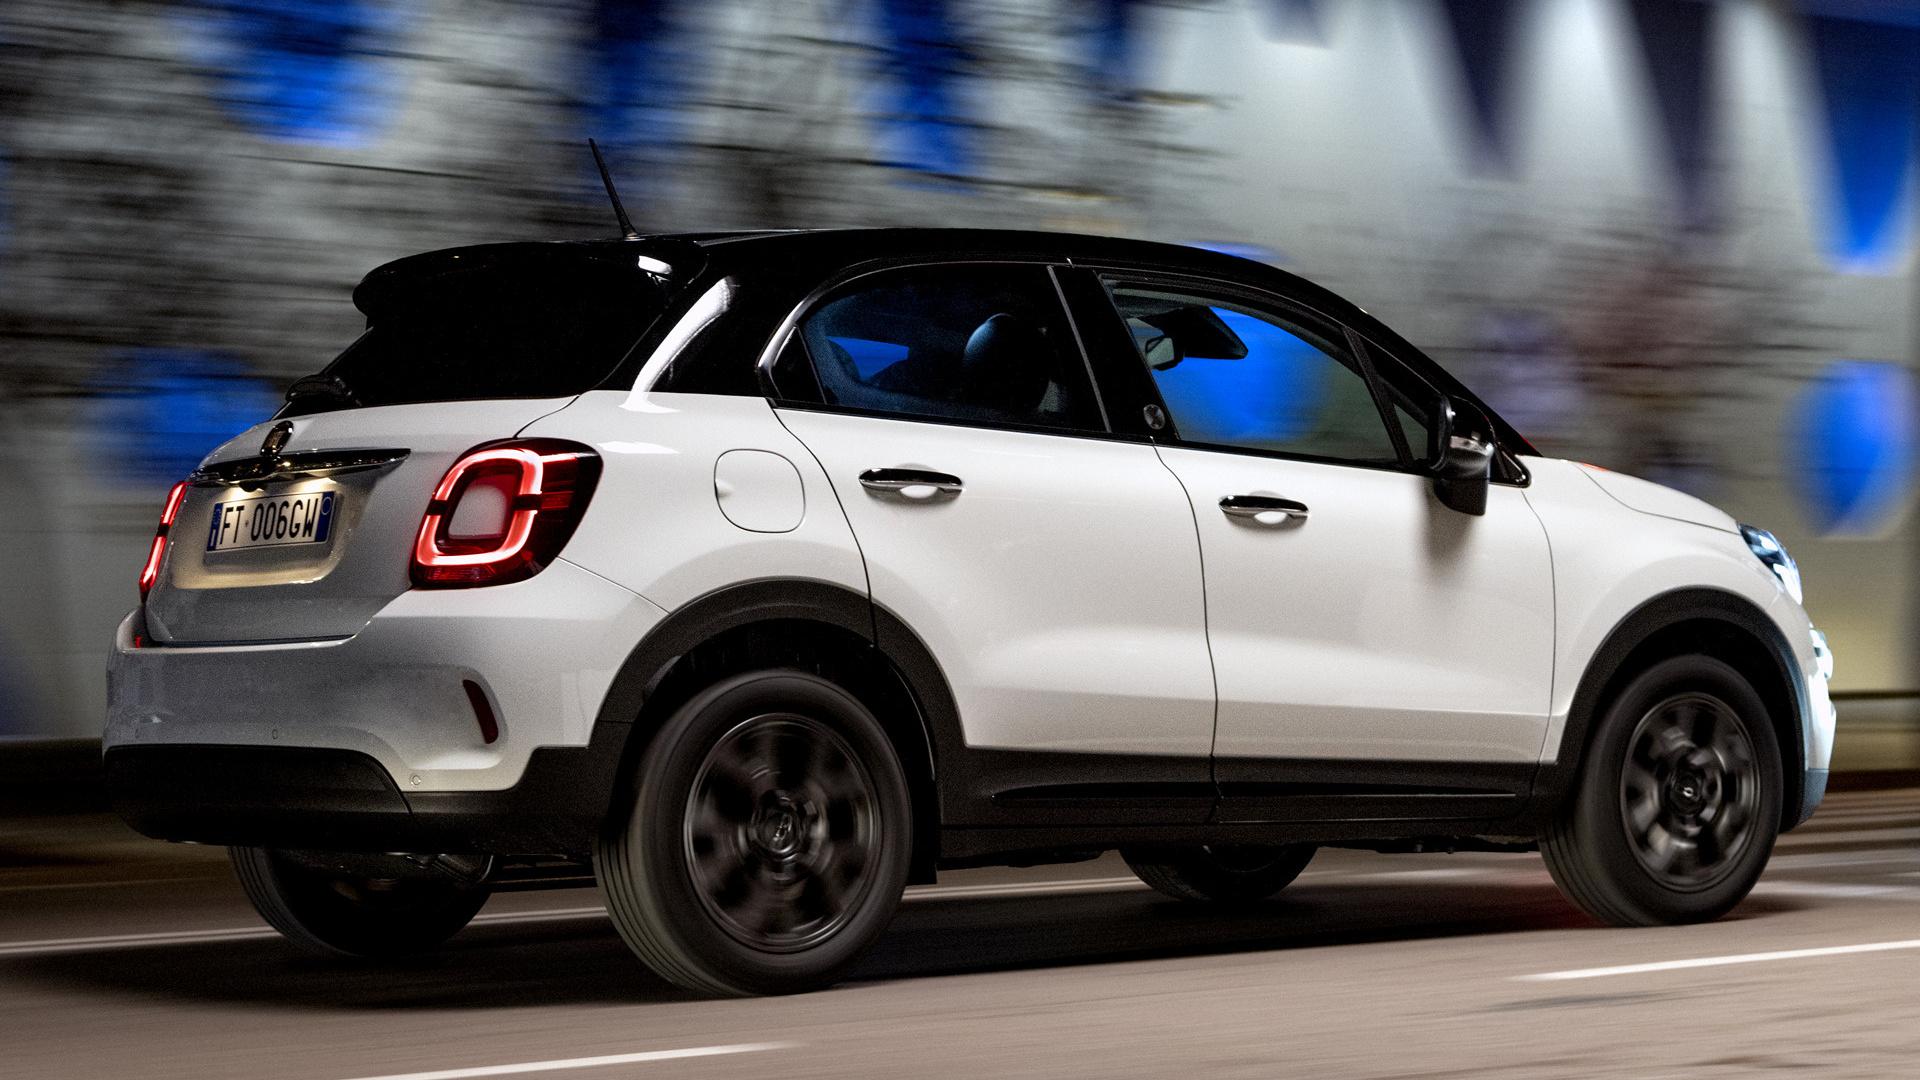 2019 Fiat 500x 120th